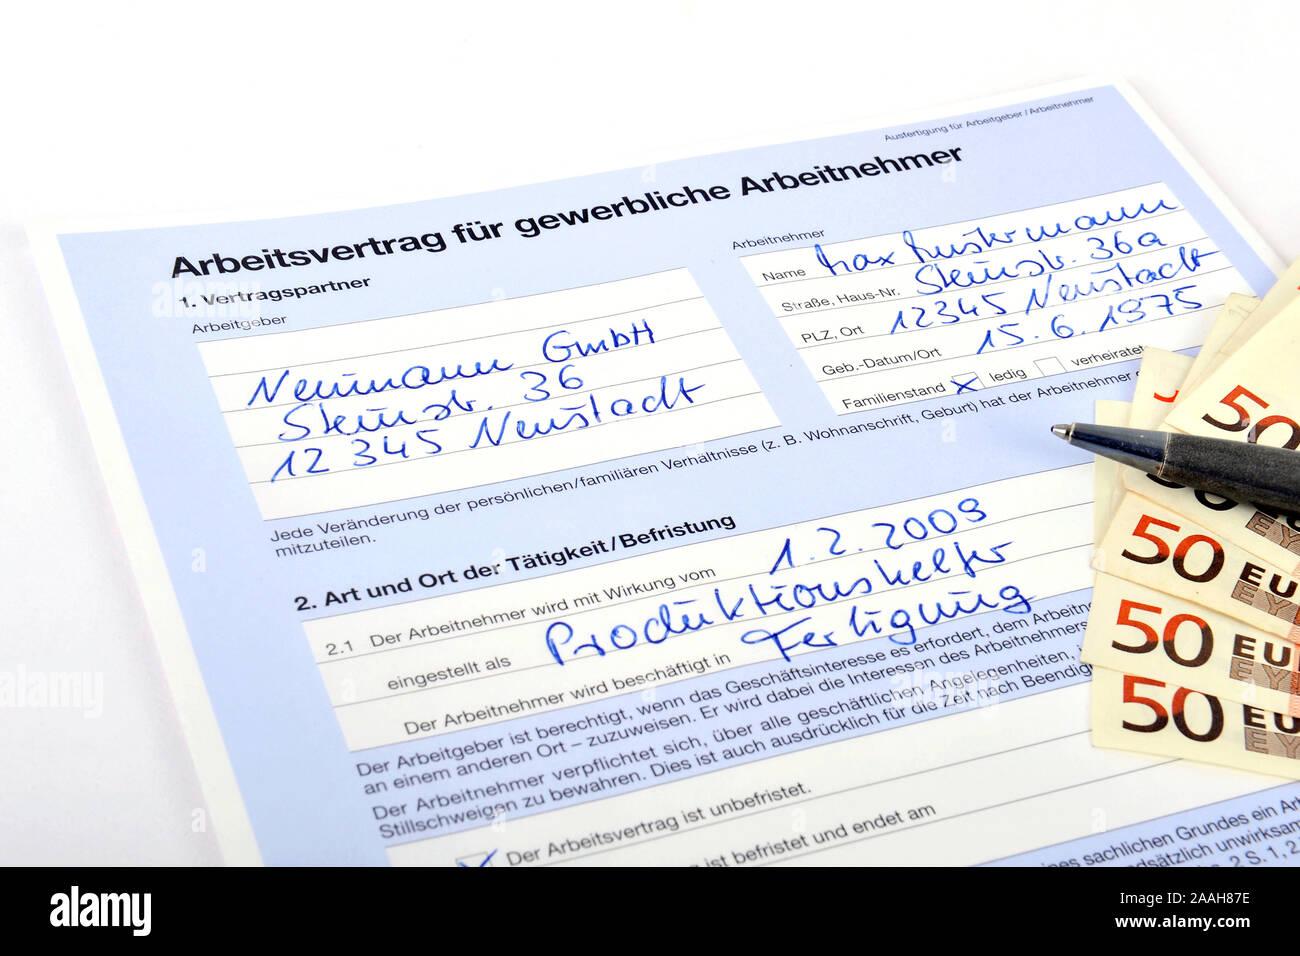 Arbeitsvertrag fuer gewerbliche Arbeitnehmer Stock Photo